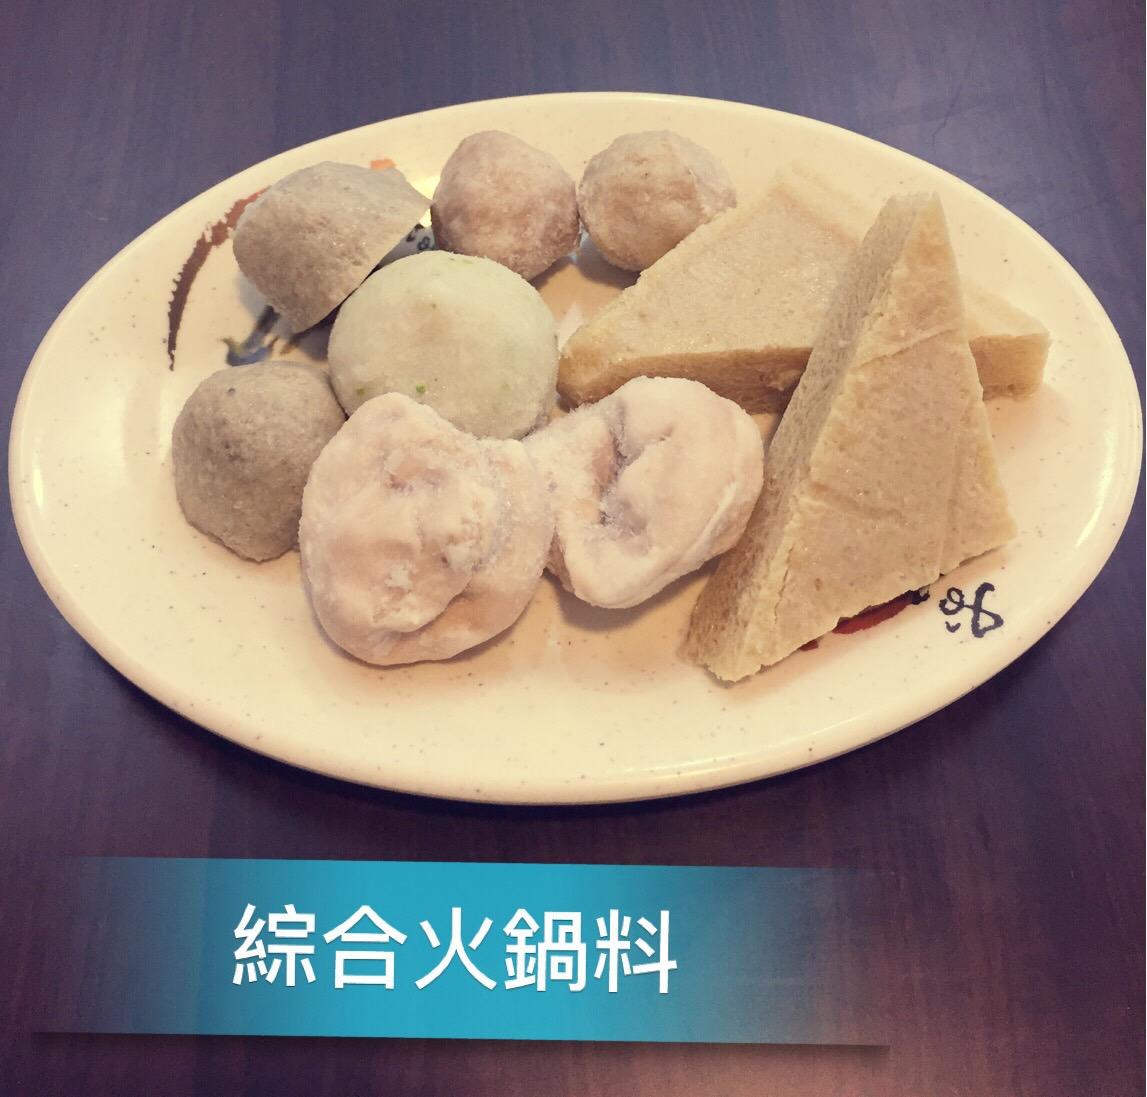 綜合火鍋料 (鱈魚餃x2 冷凍豆腐x2 鴨肉貢丸x2 虱目魚丸x2 魚包蛋x1)